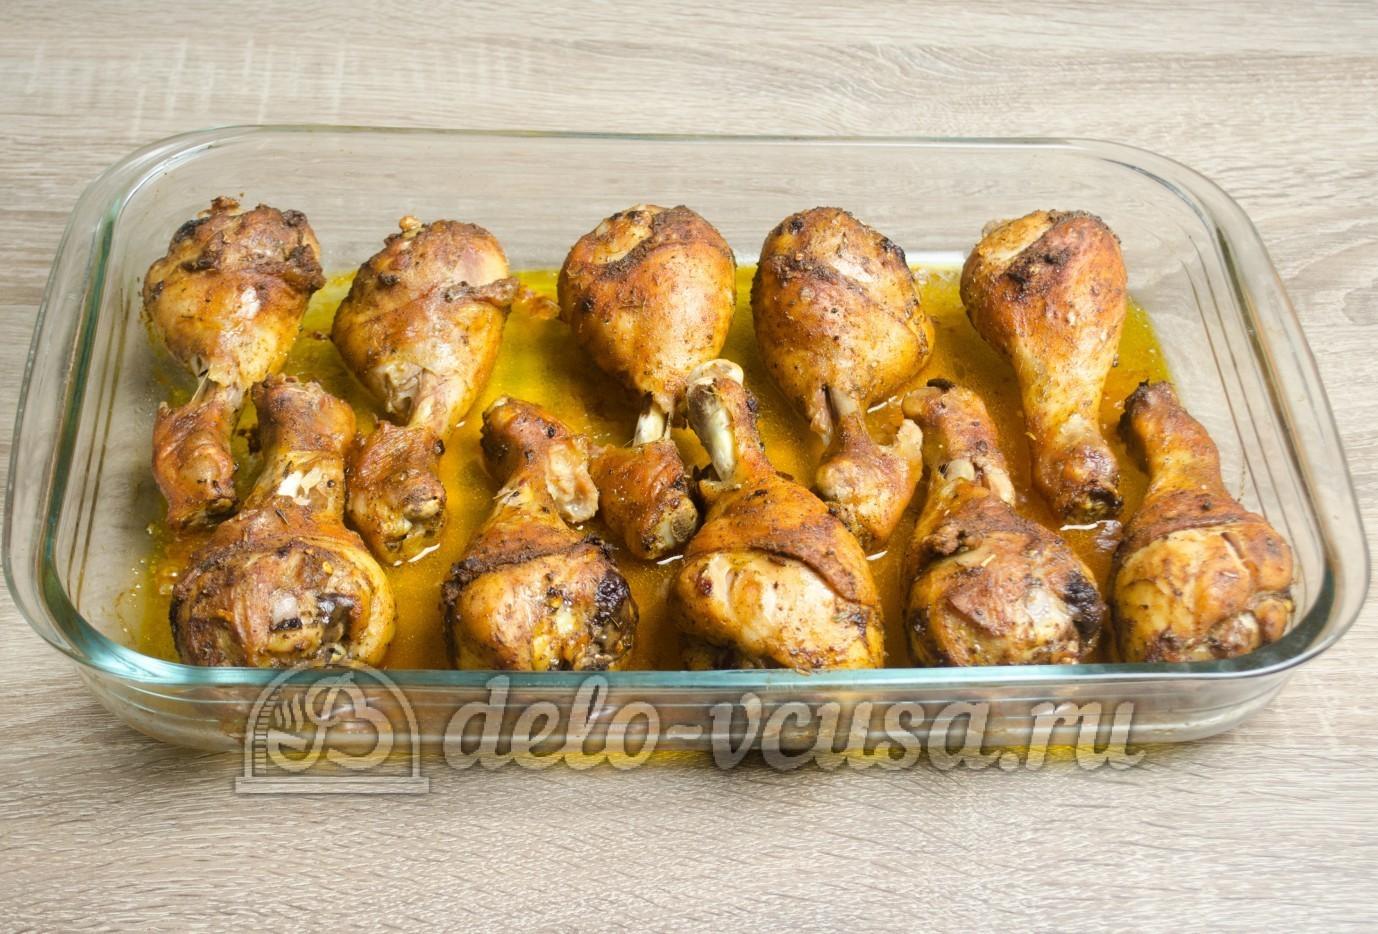 Куриные ножки в духовке рецепт с майонезом пошагово